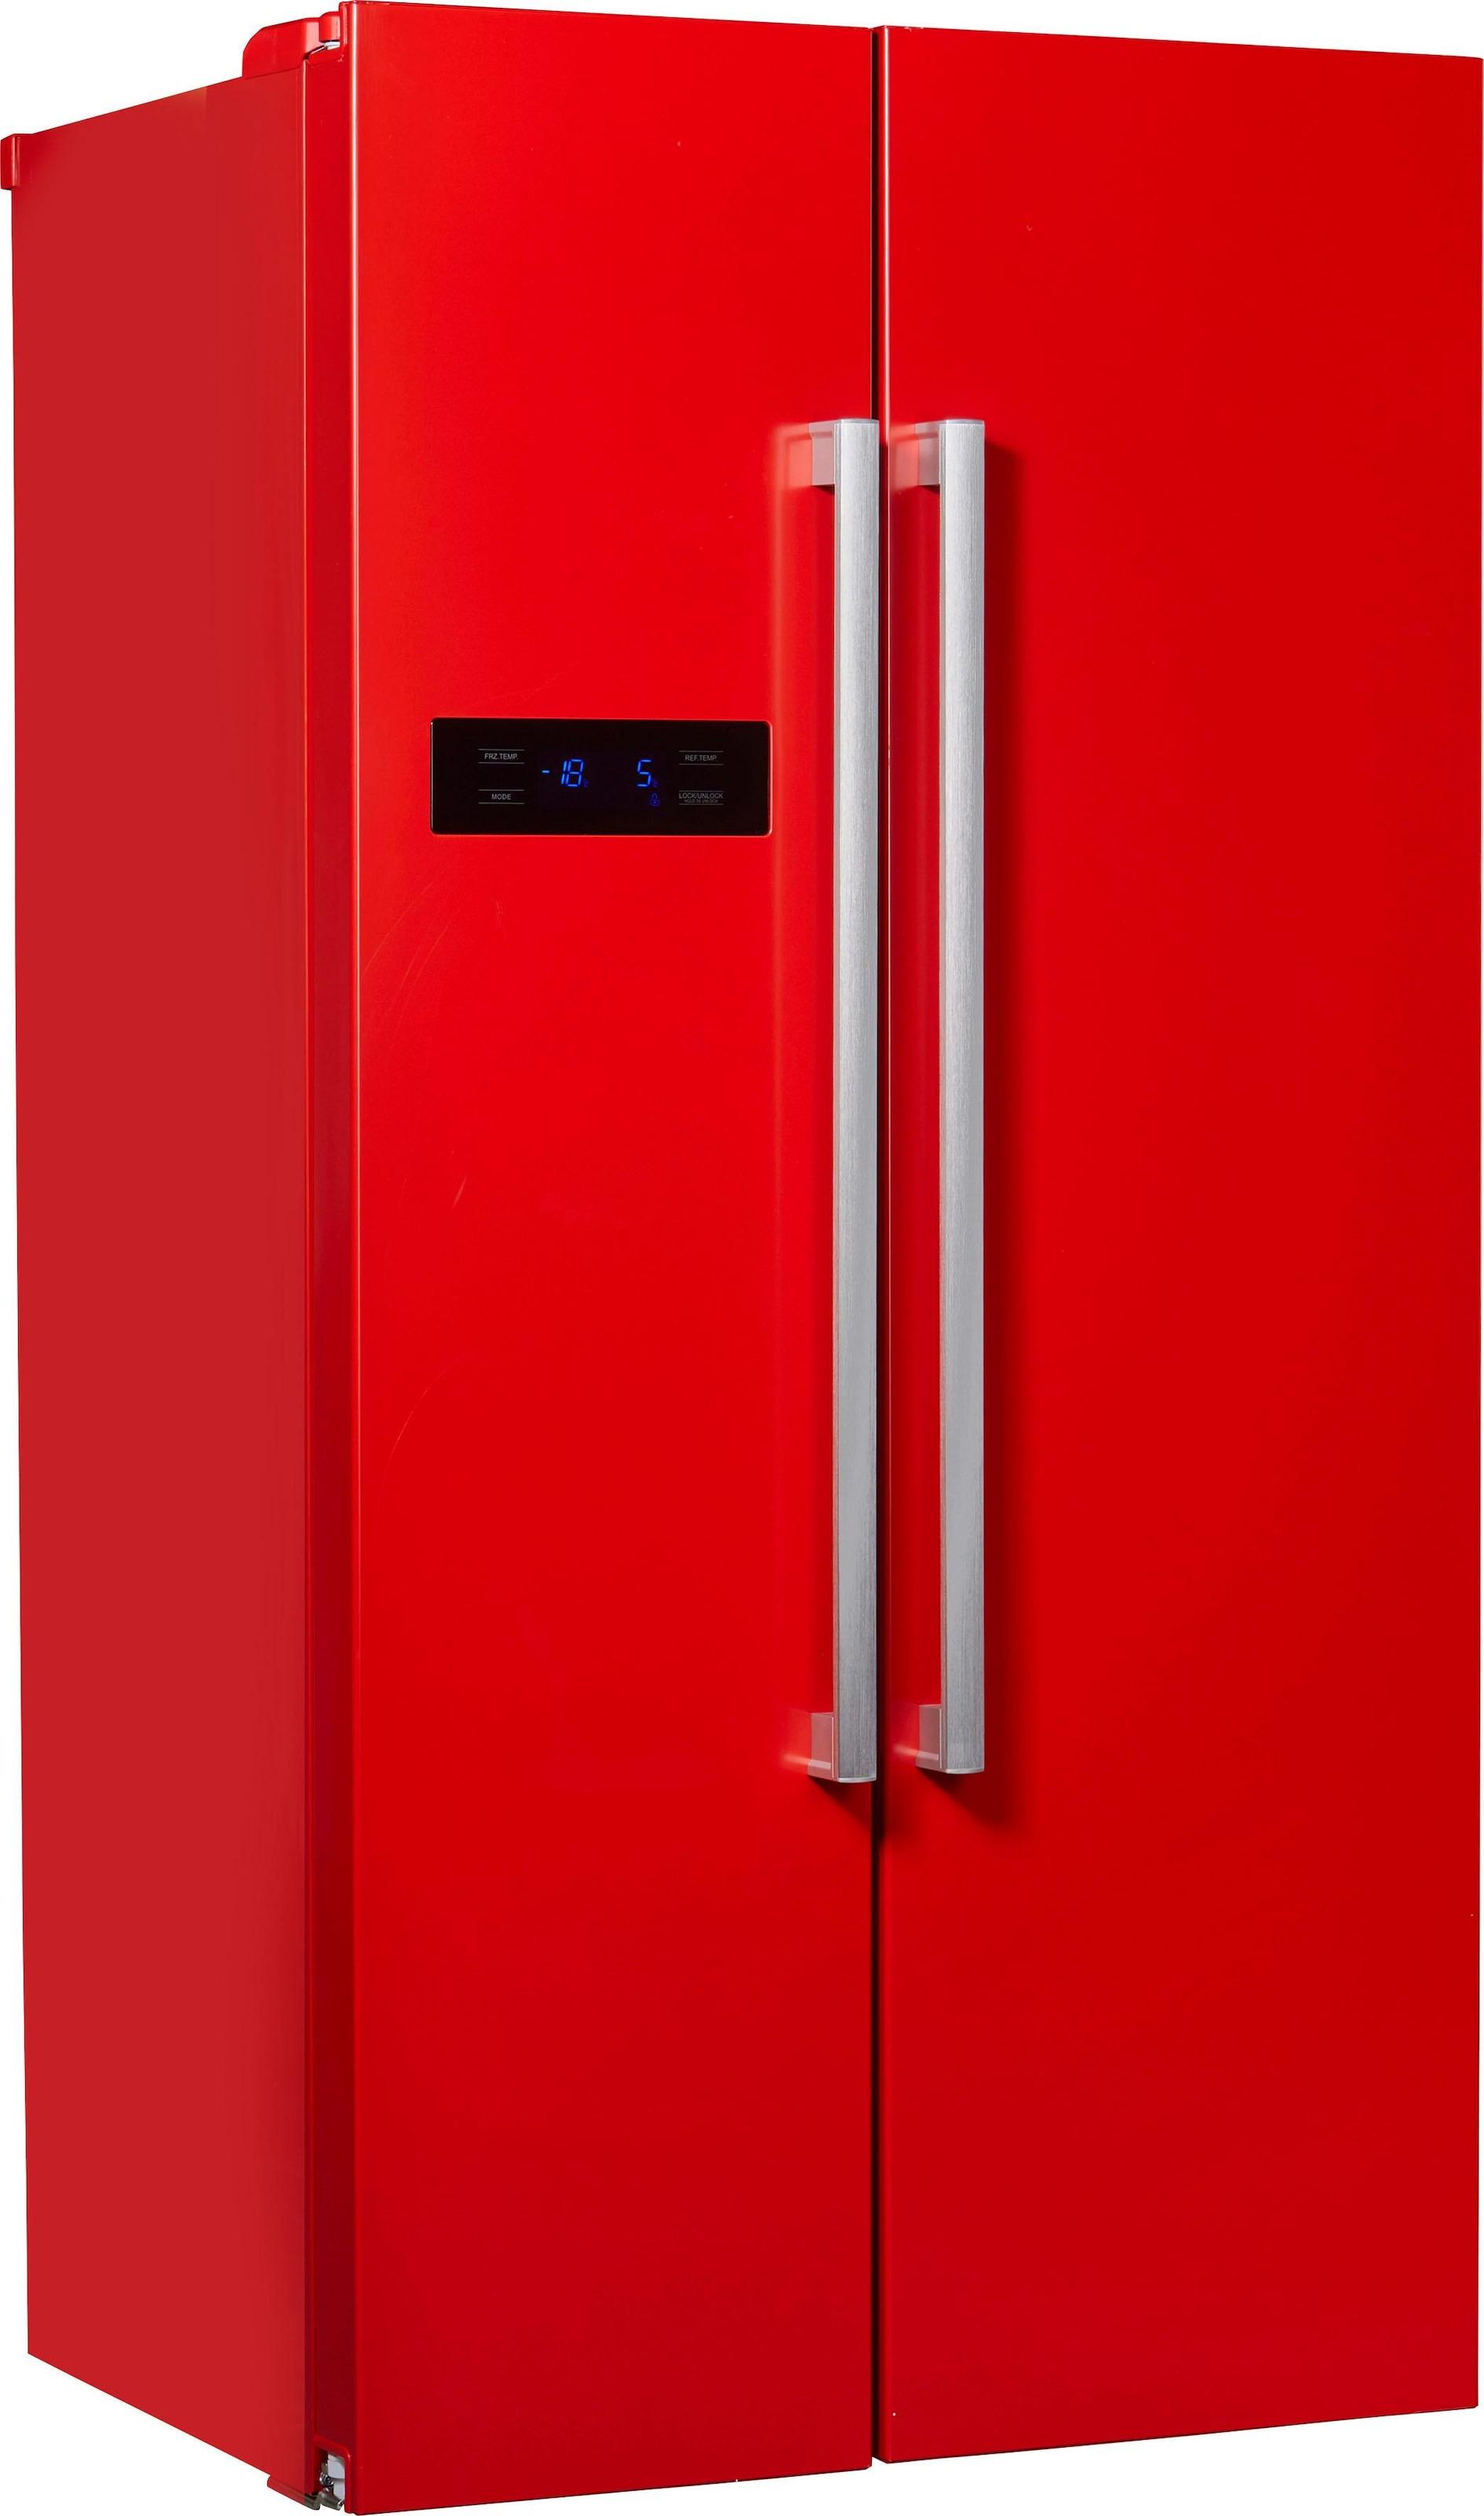 Amerikanischer Kühlschrank Breite : Side by side kühlschrank auf rechnung raten kaufen